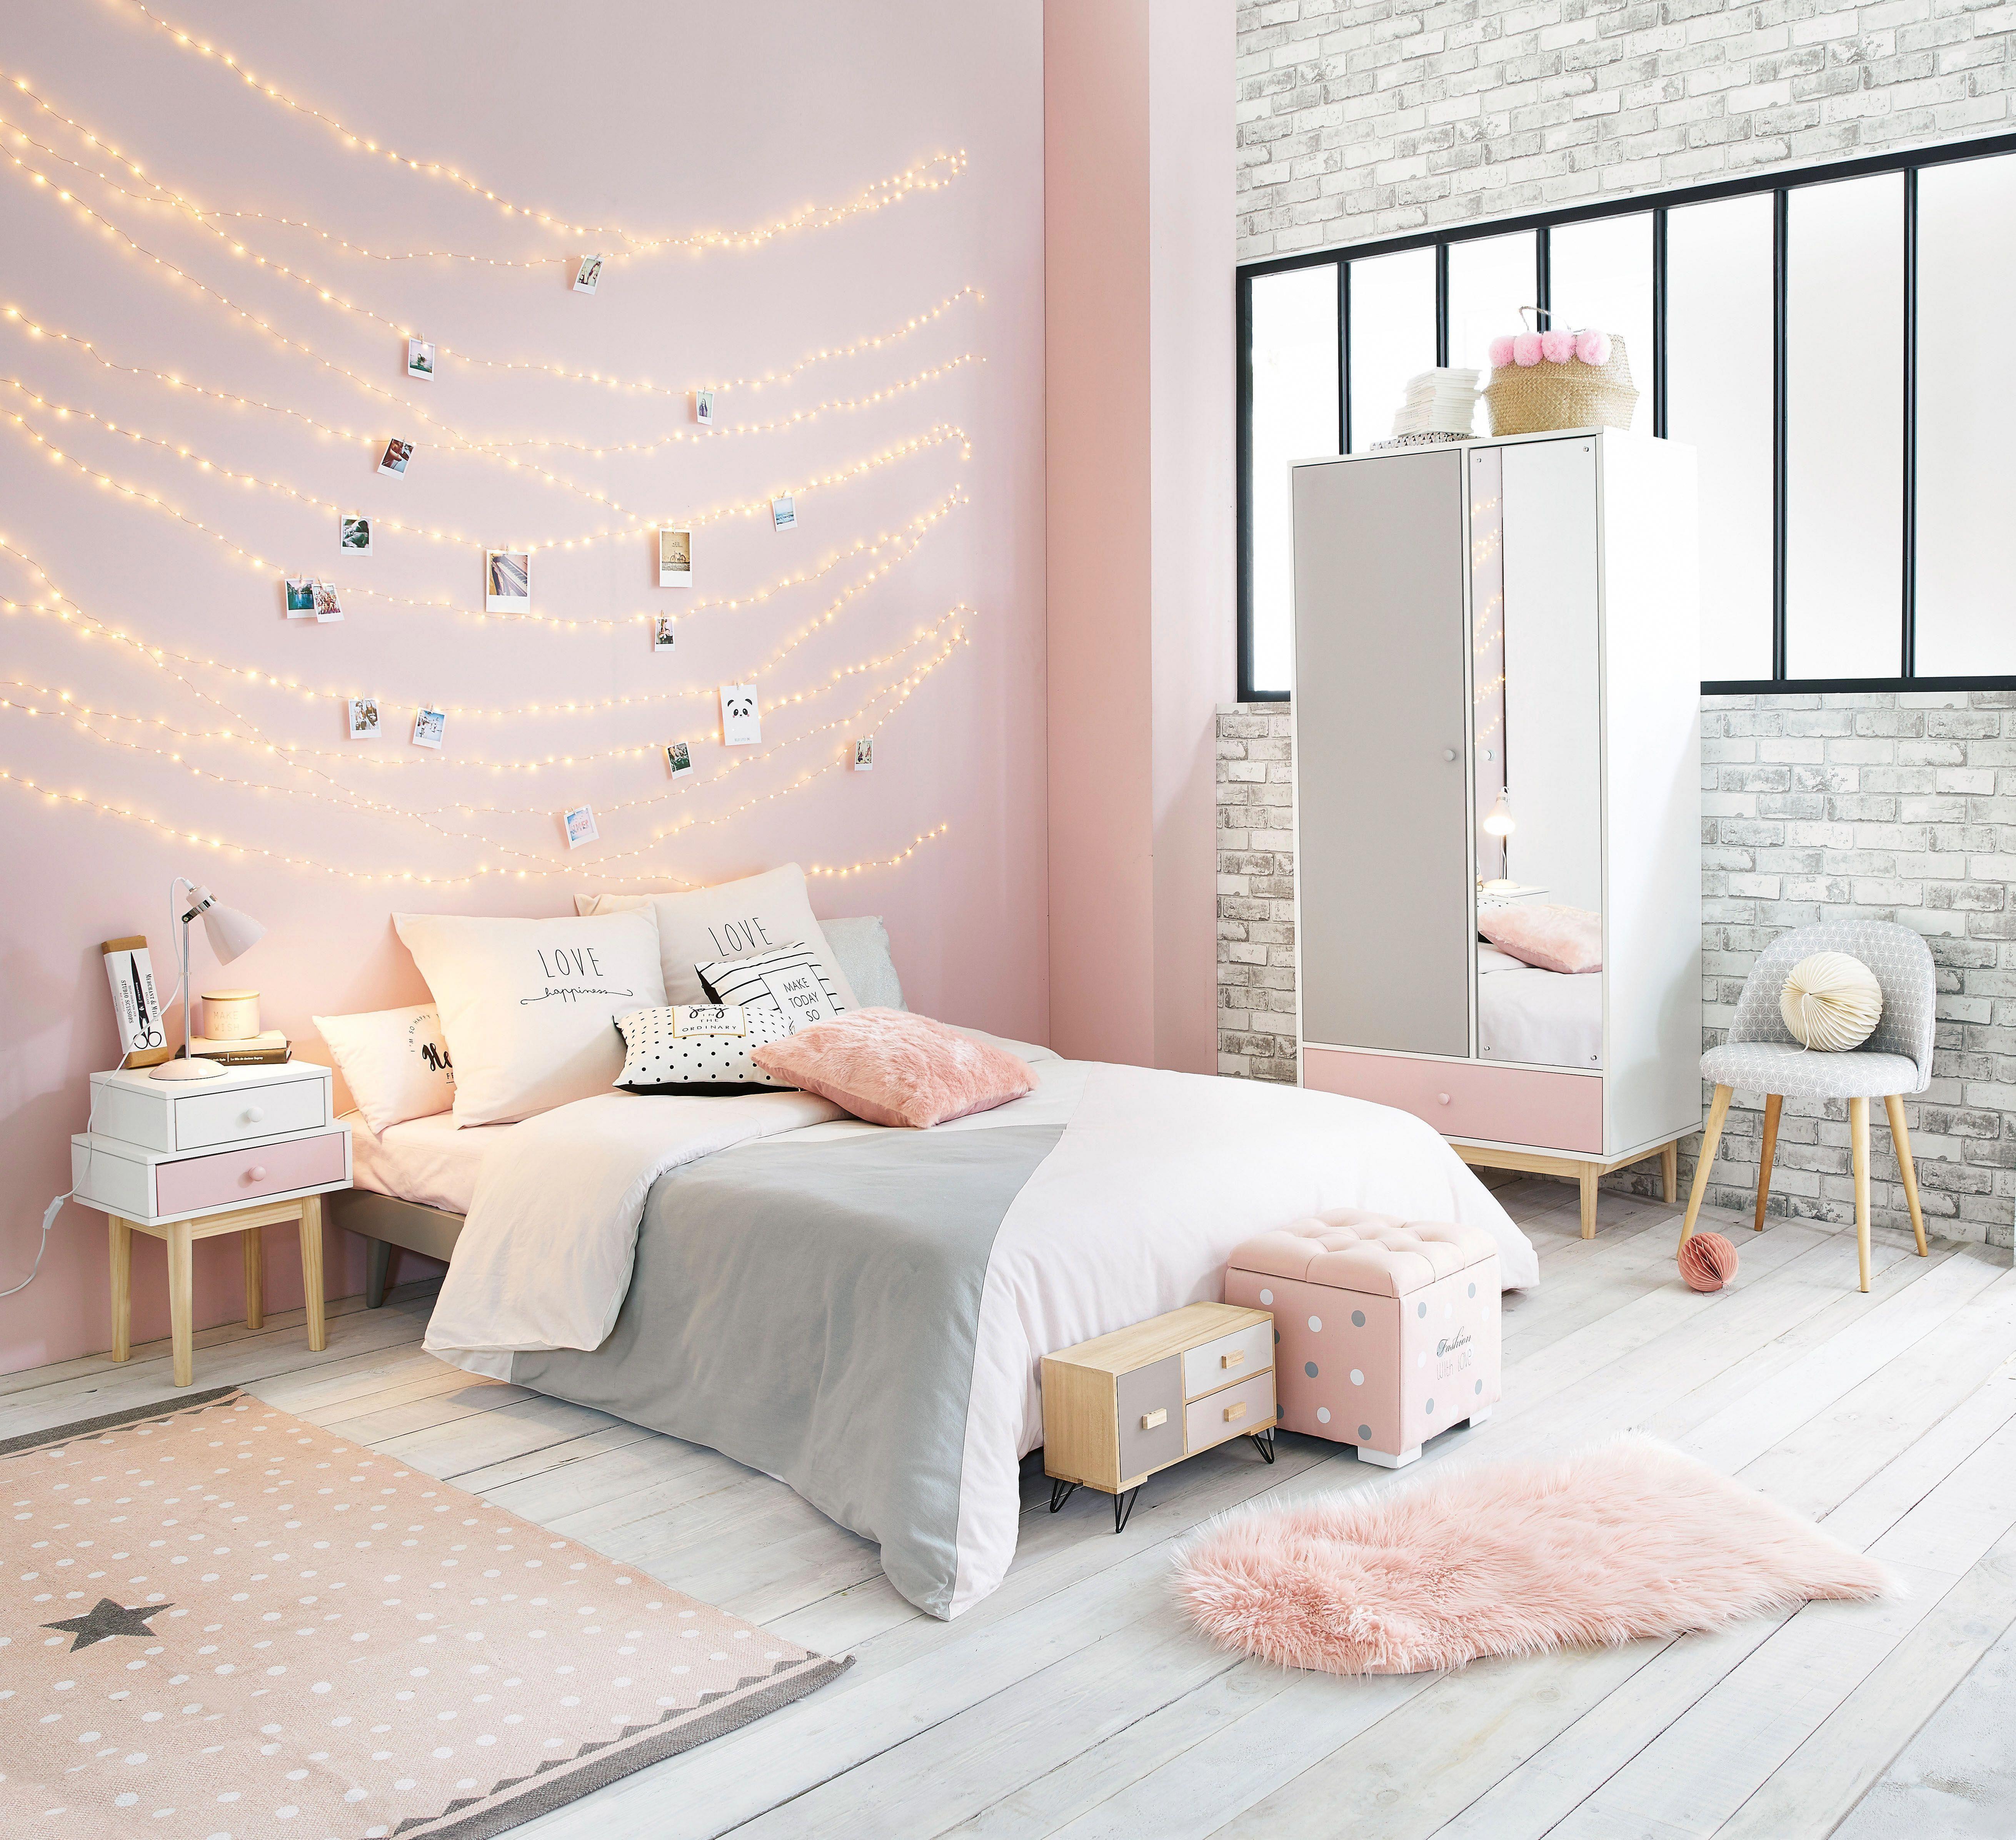 What curtains for a room? en 17  Chambre rose et blanc, Déco